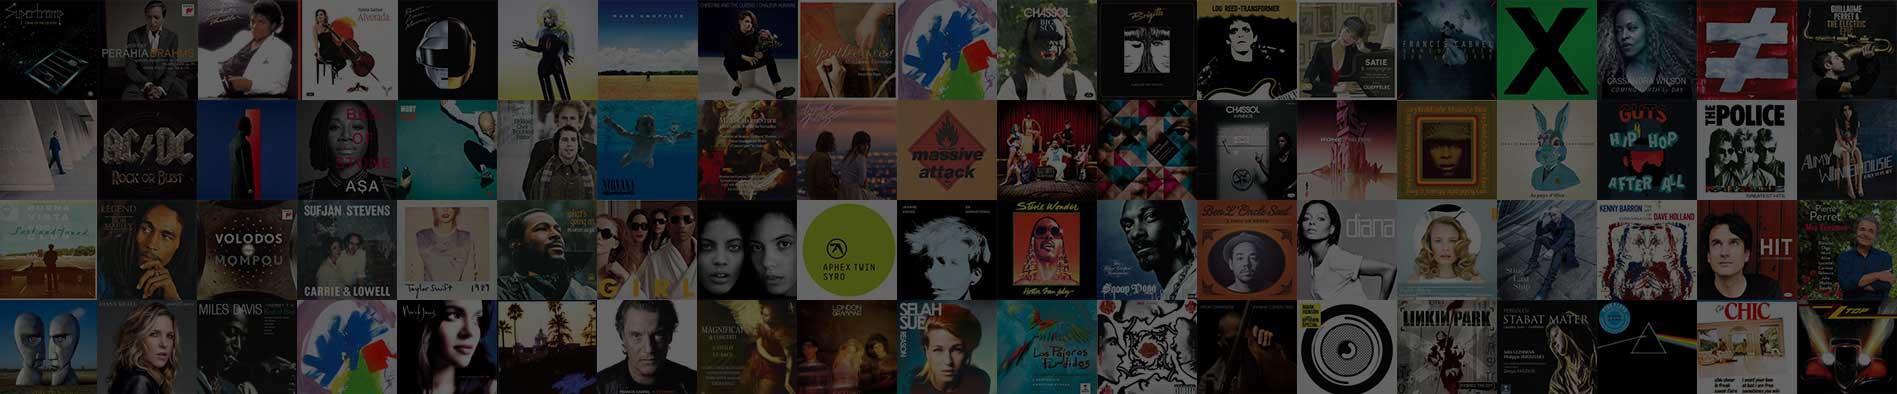 Qobuz – musique haute qualité en ligne et en téléchargement – Dealabs